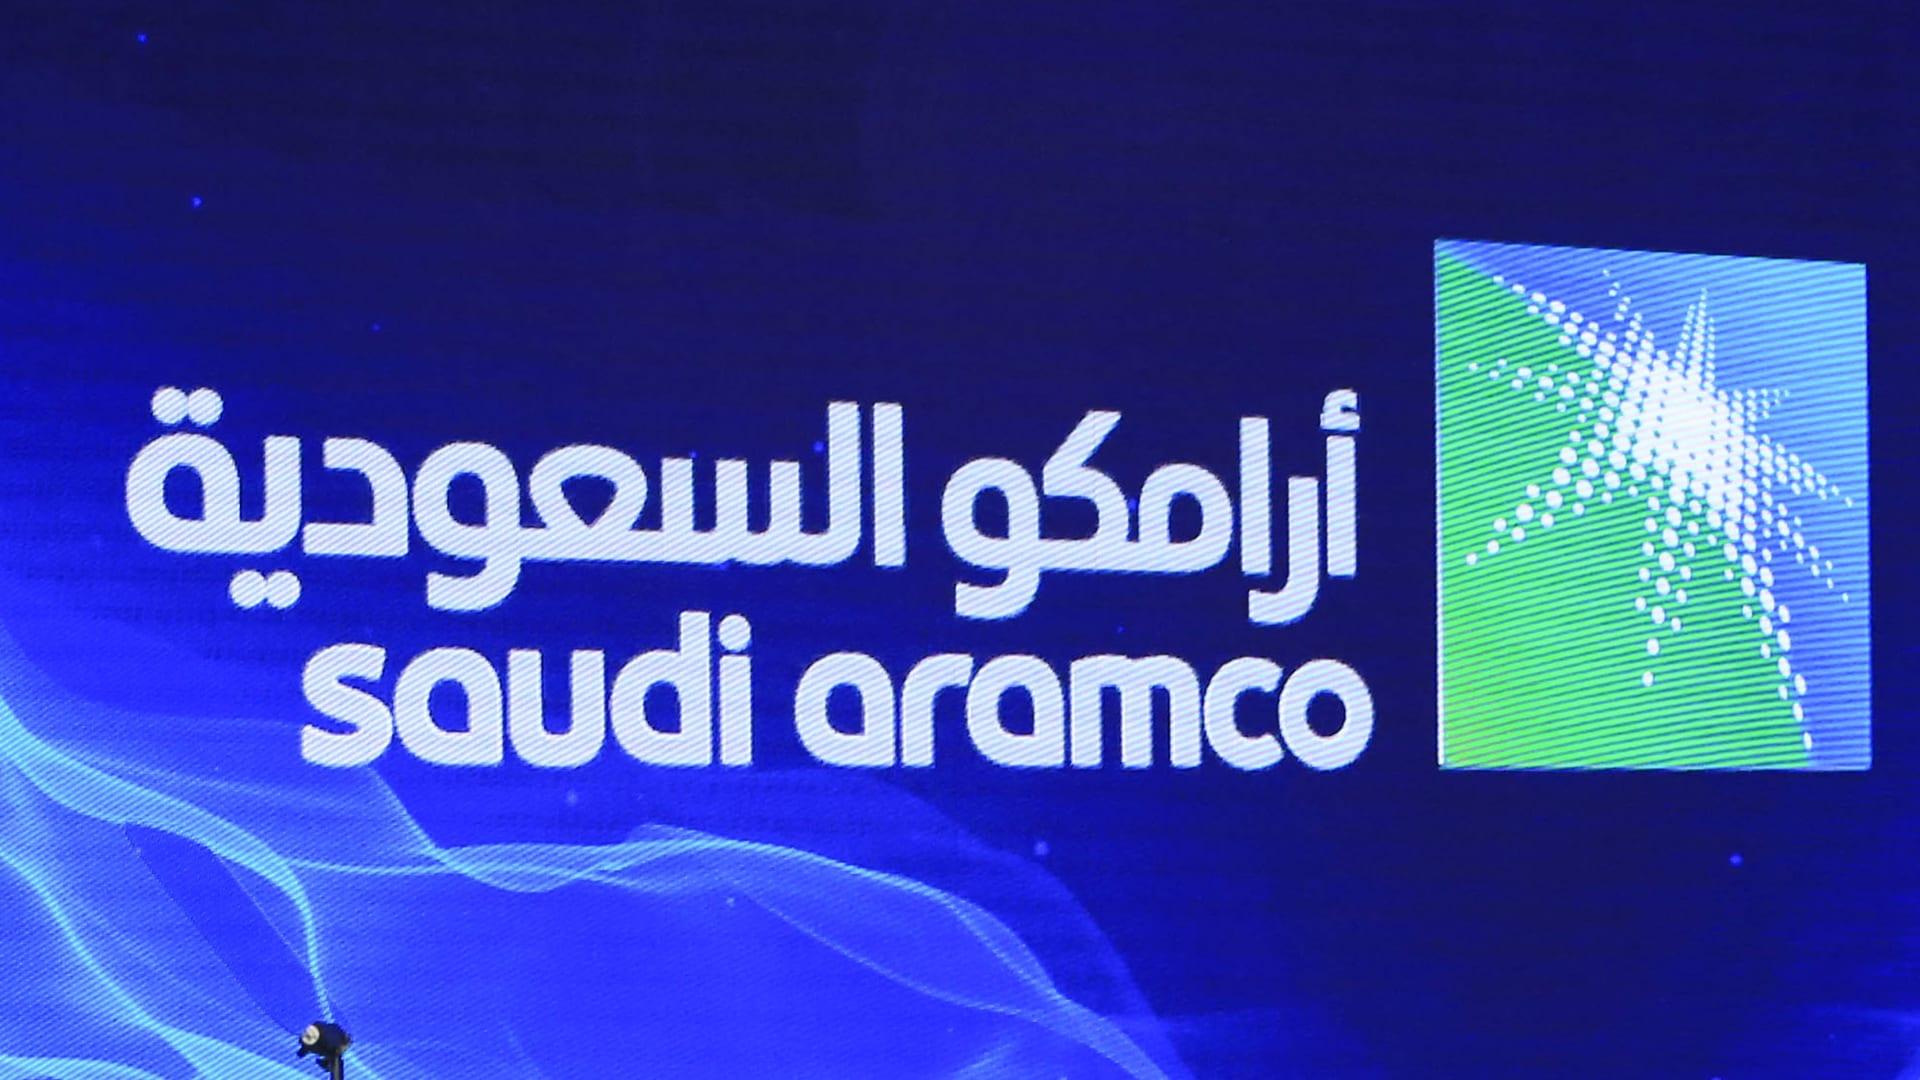 أرامكو توقع صفقة ضخمة بقيمة 12.4 مليار دولار